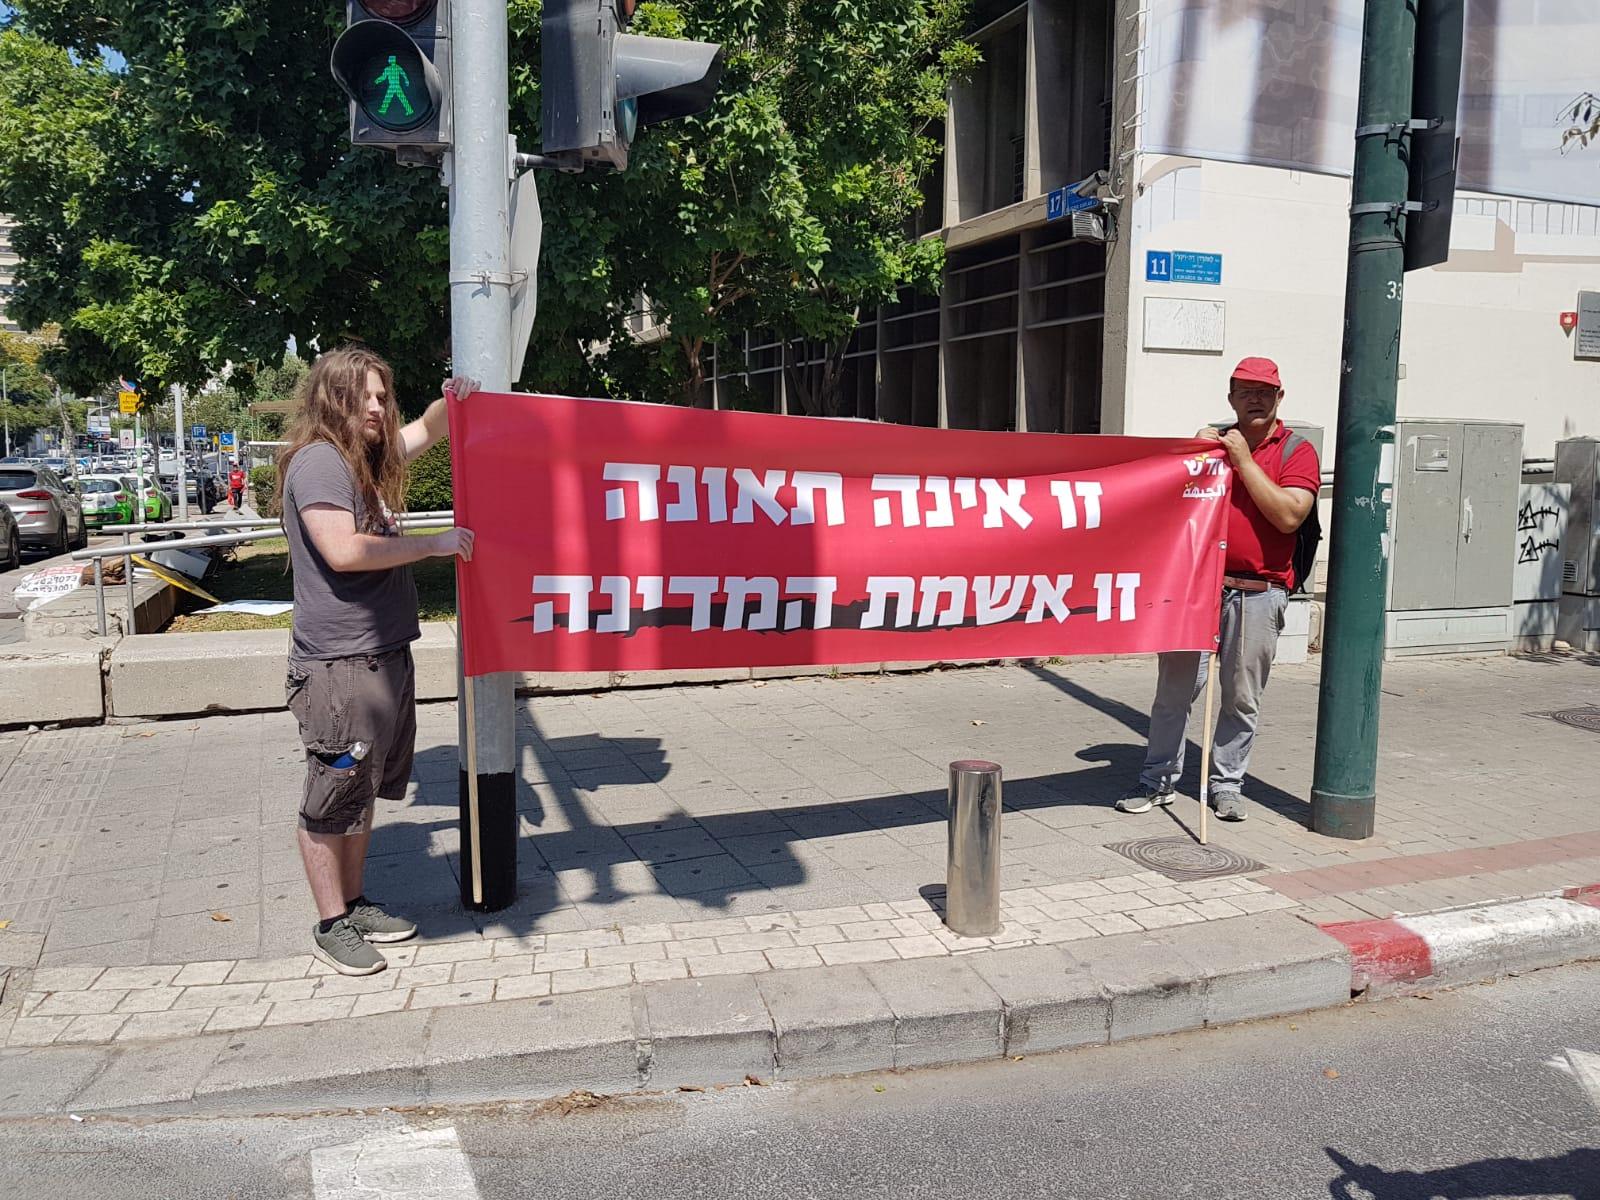 """משמרת מחאה התקיימה היום בת""""א לזכרו של פועל הבניין מוסעב אל נג'אדי שנהרג שבוע שעבר"""